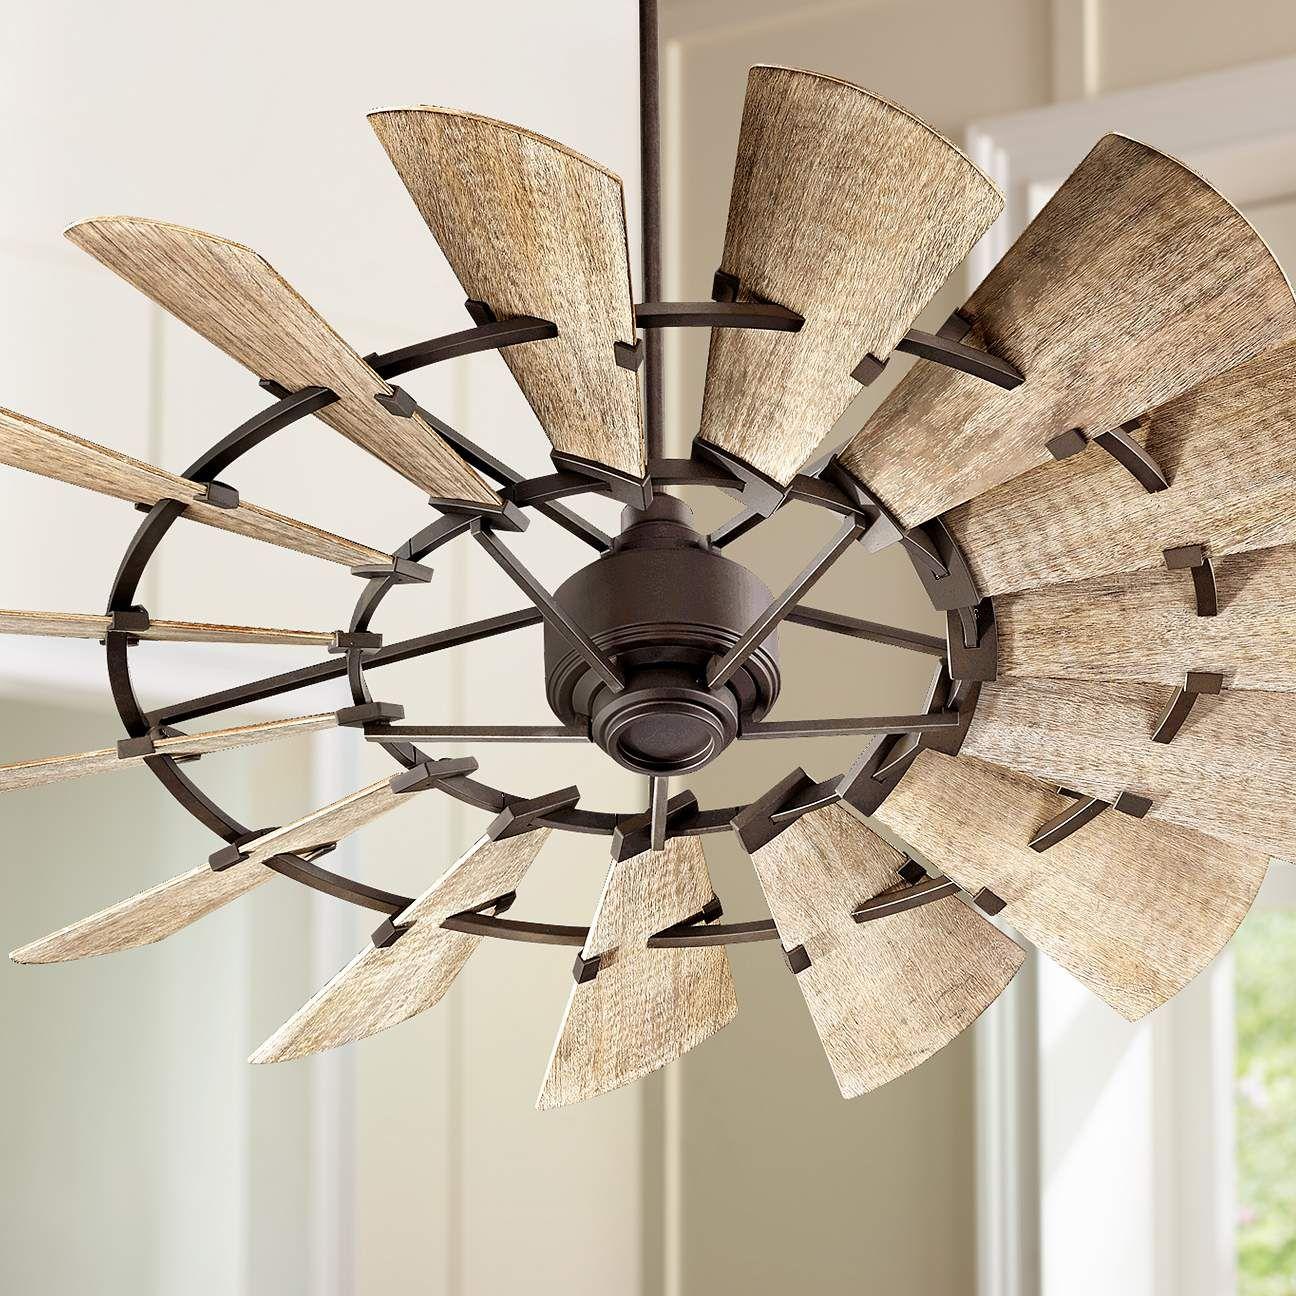 60 Quorum Windmill Oiled Bronze Ceiling Fan 9p302 Lamps Plus In 2021 Windmill Ceiling Fan Bronze Ceiling Fan Ceiling Fan